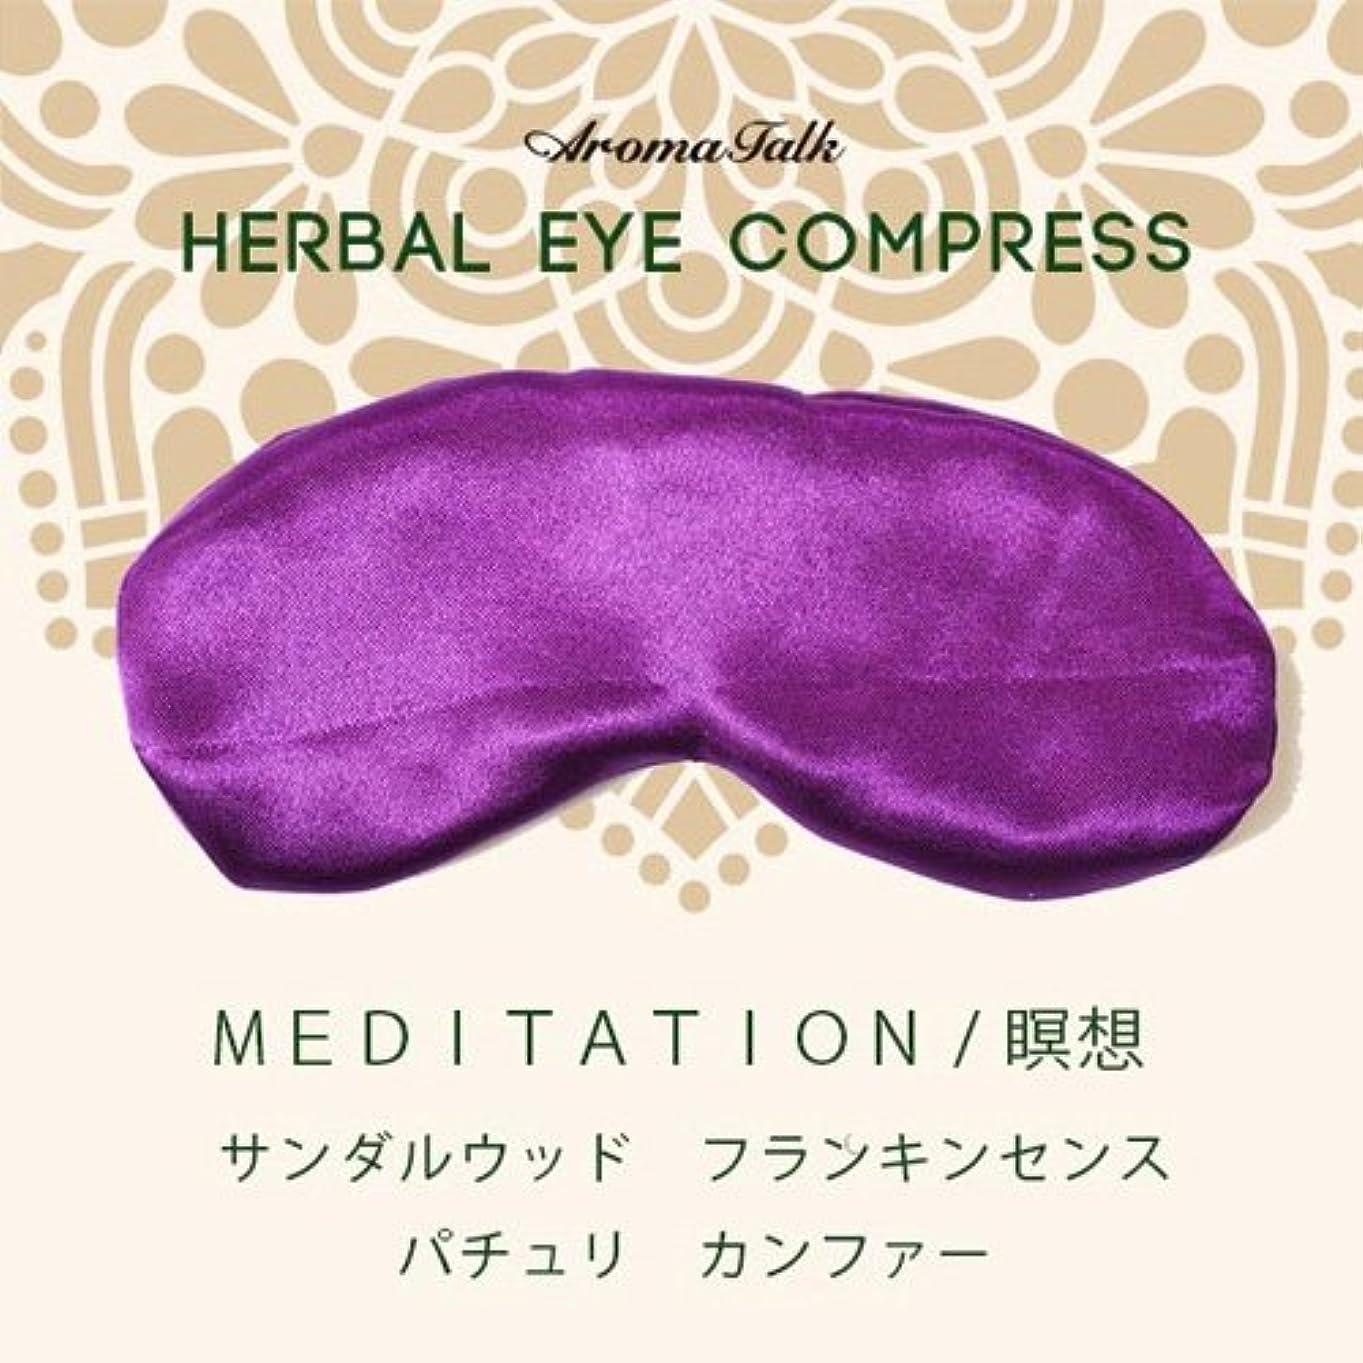 偉業エイリアス視力ハーバルアイコンプレス「メディテイション 瞑想」紫/禅をイメージしたウッド系の香り